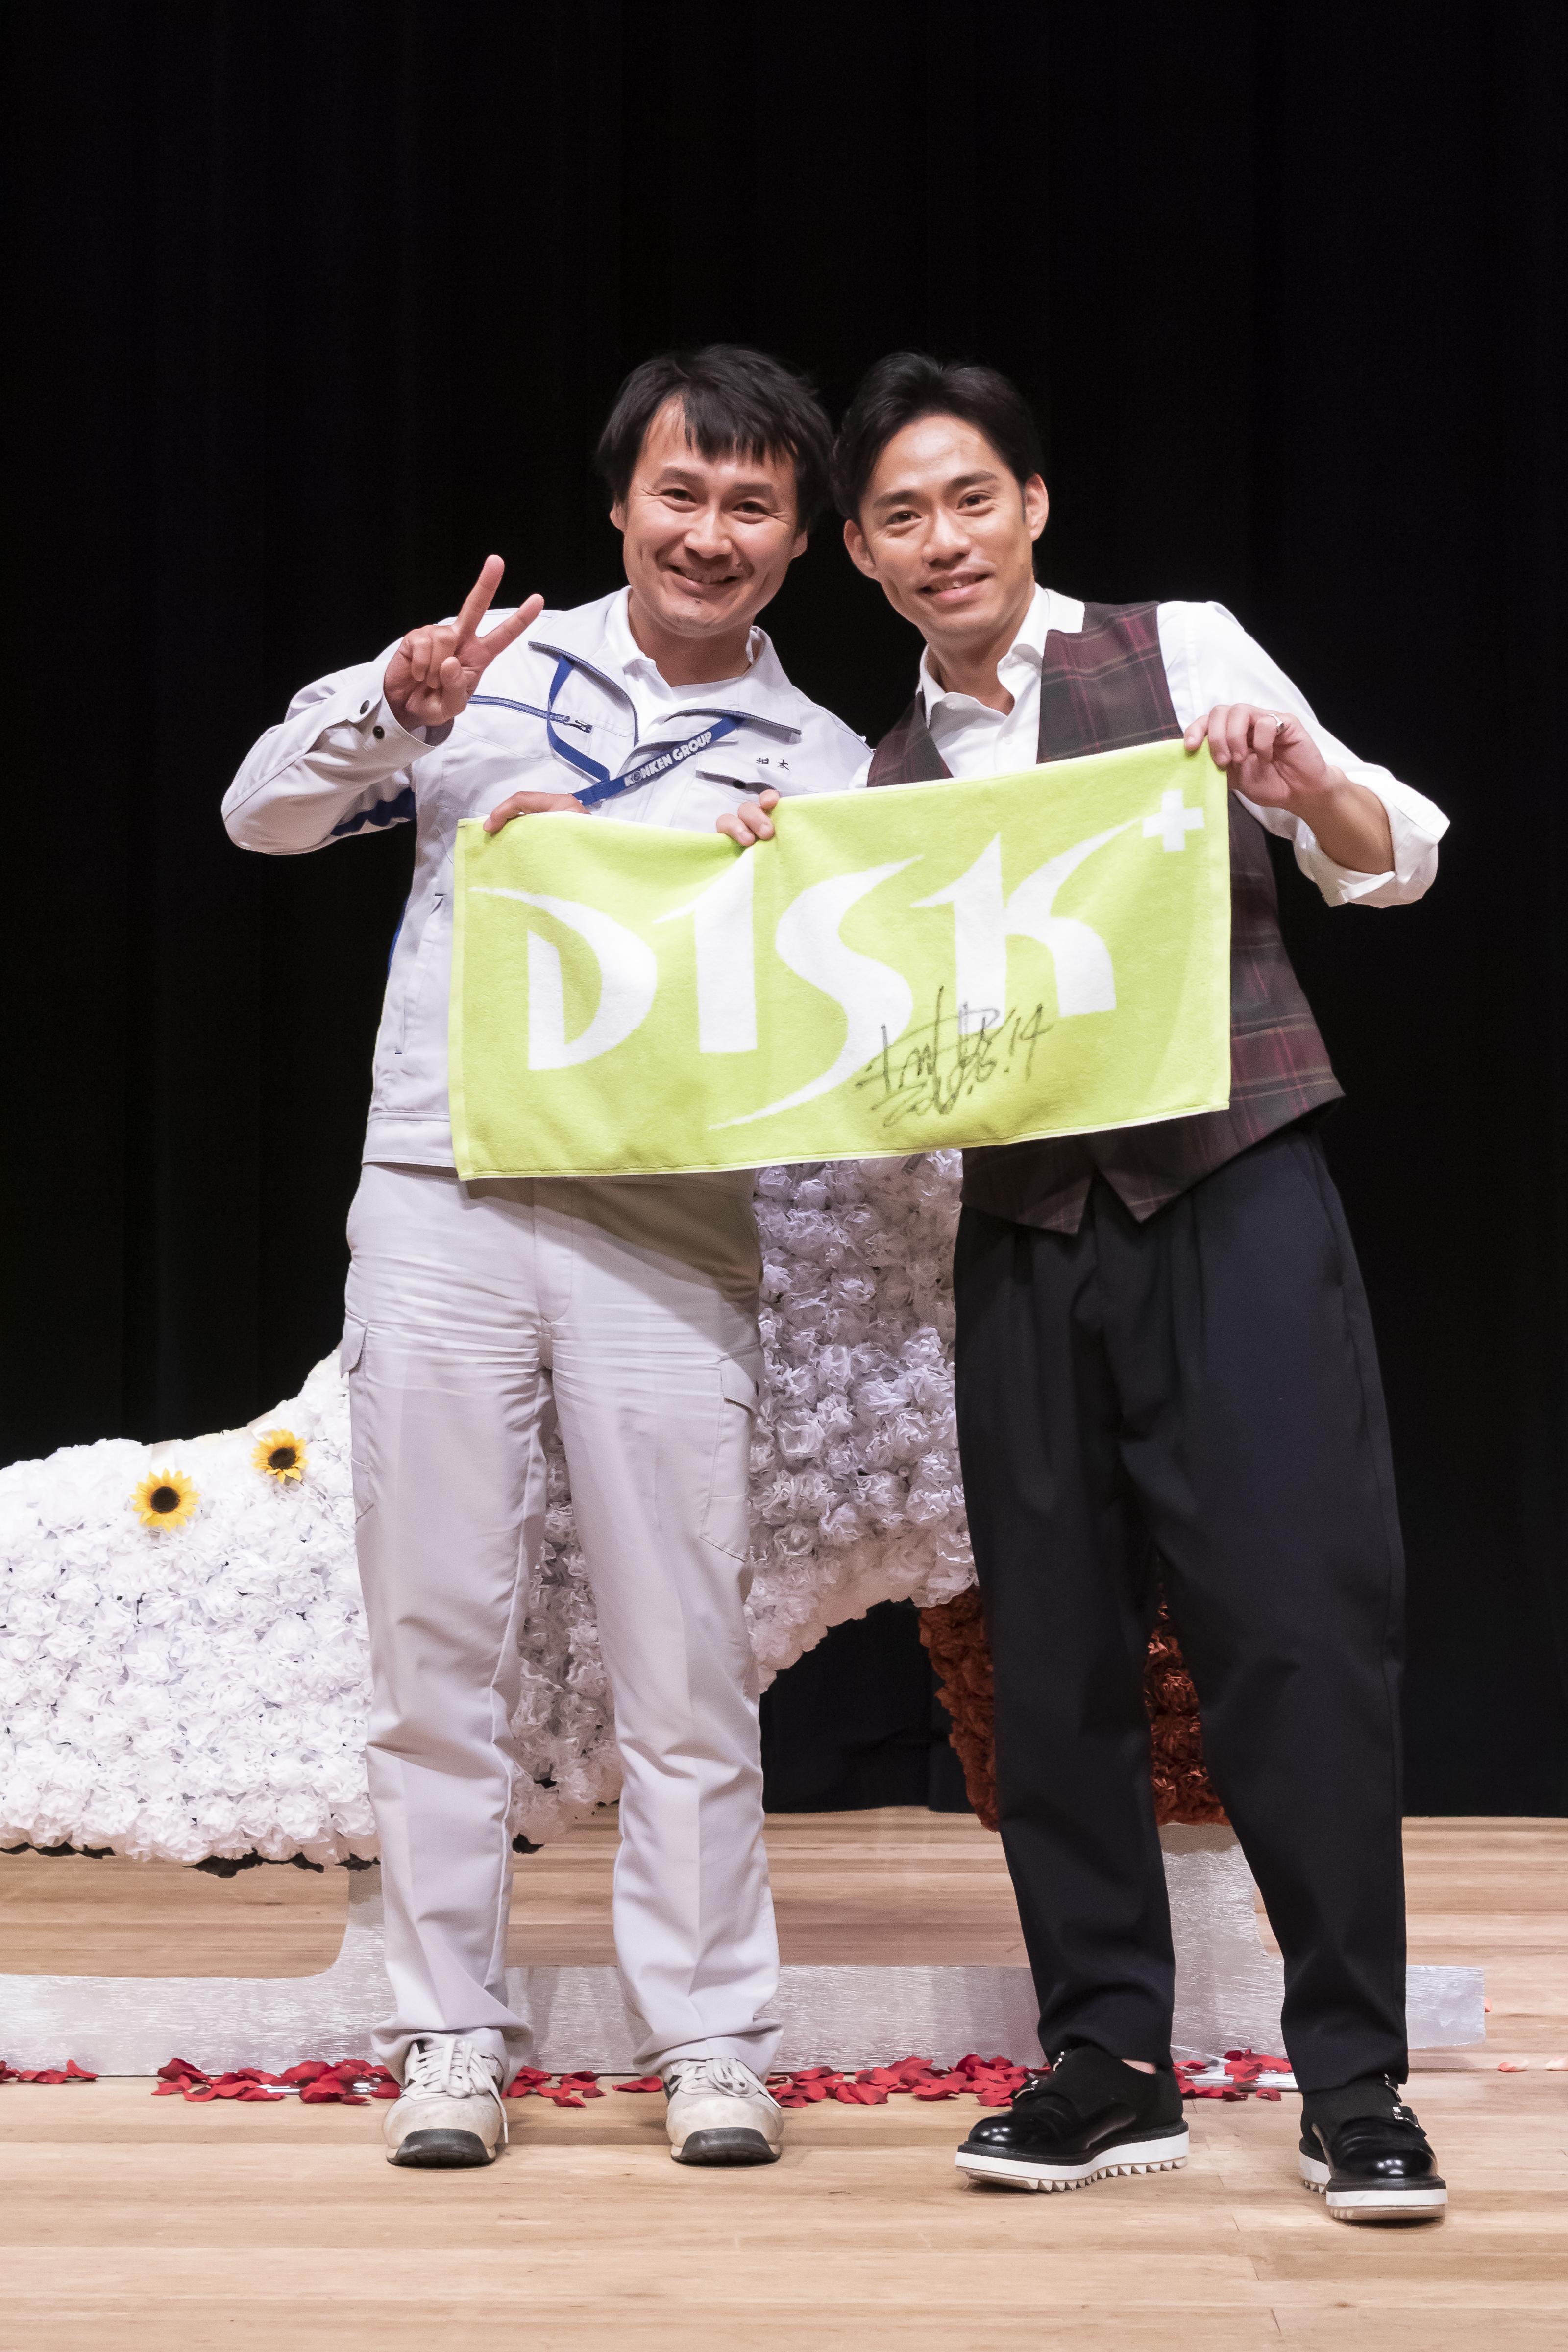 西日本豪雨災害復興チャリティートークショー